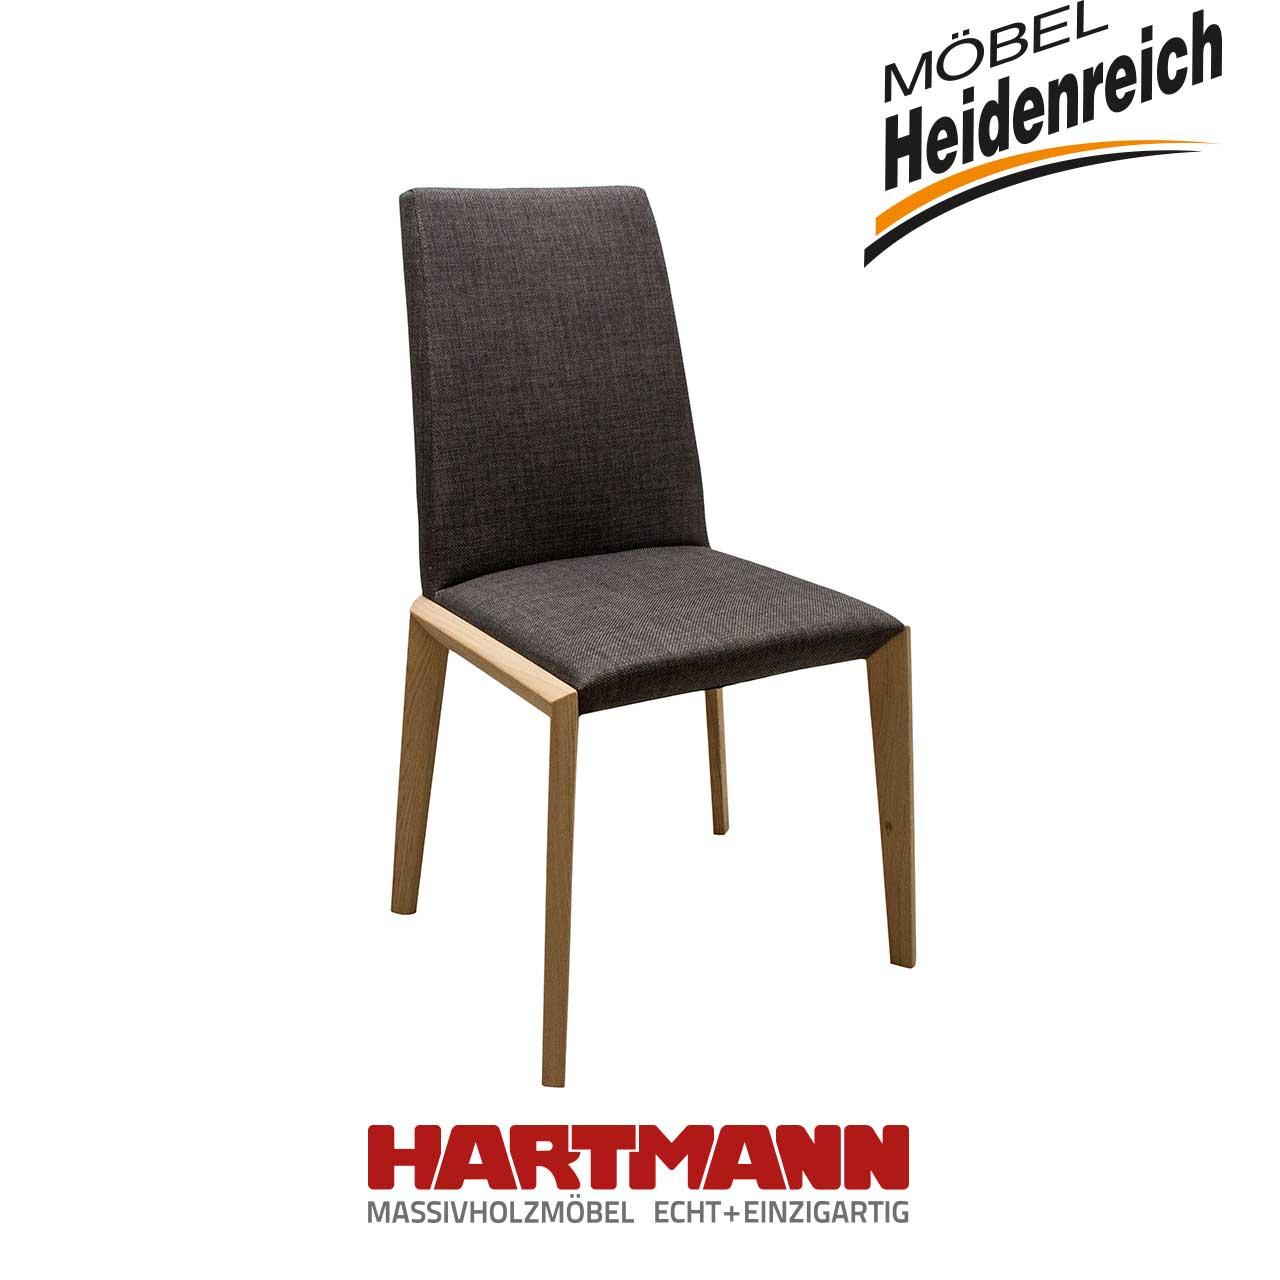 Hartmann – Stuhl Pur 0674 | Stühle | %SALE% | Möbel Heidenreich